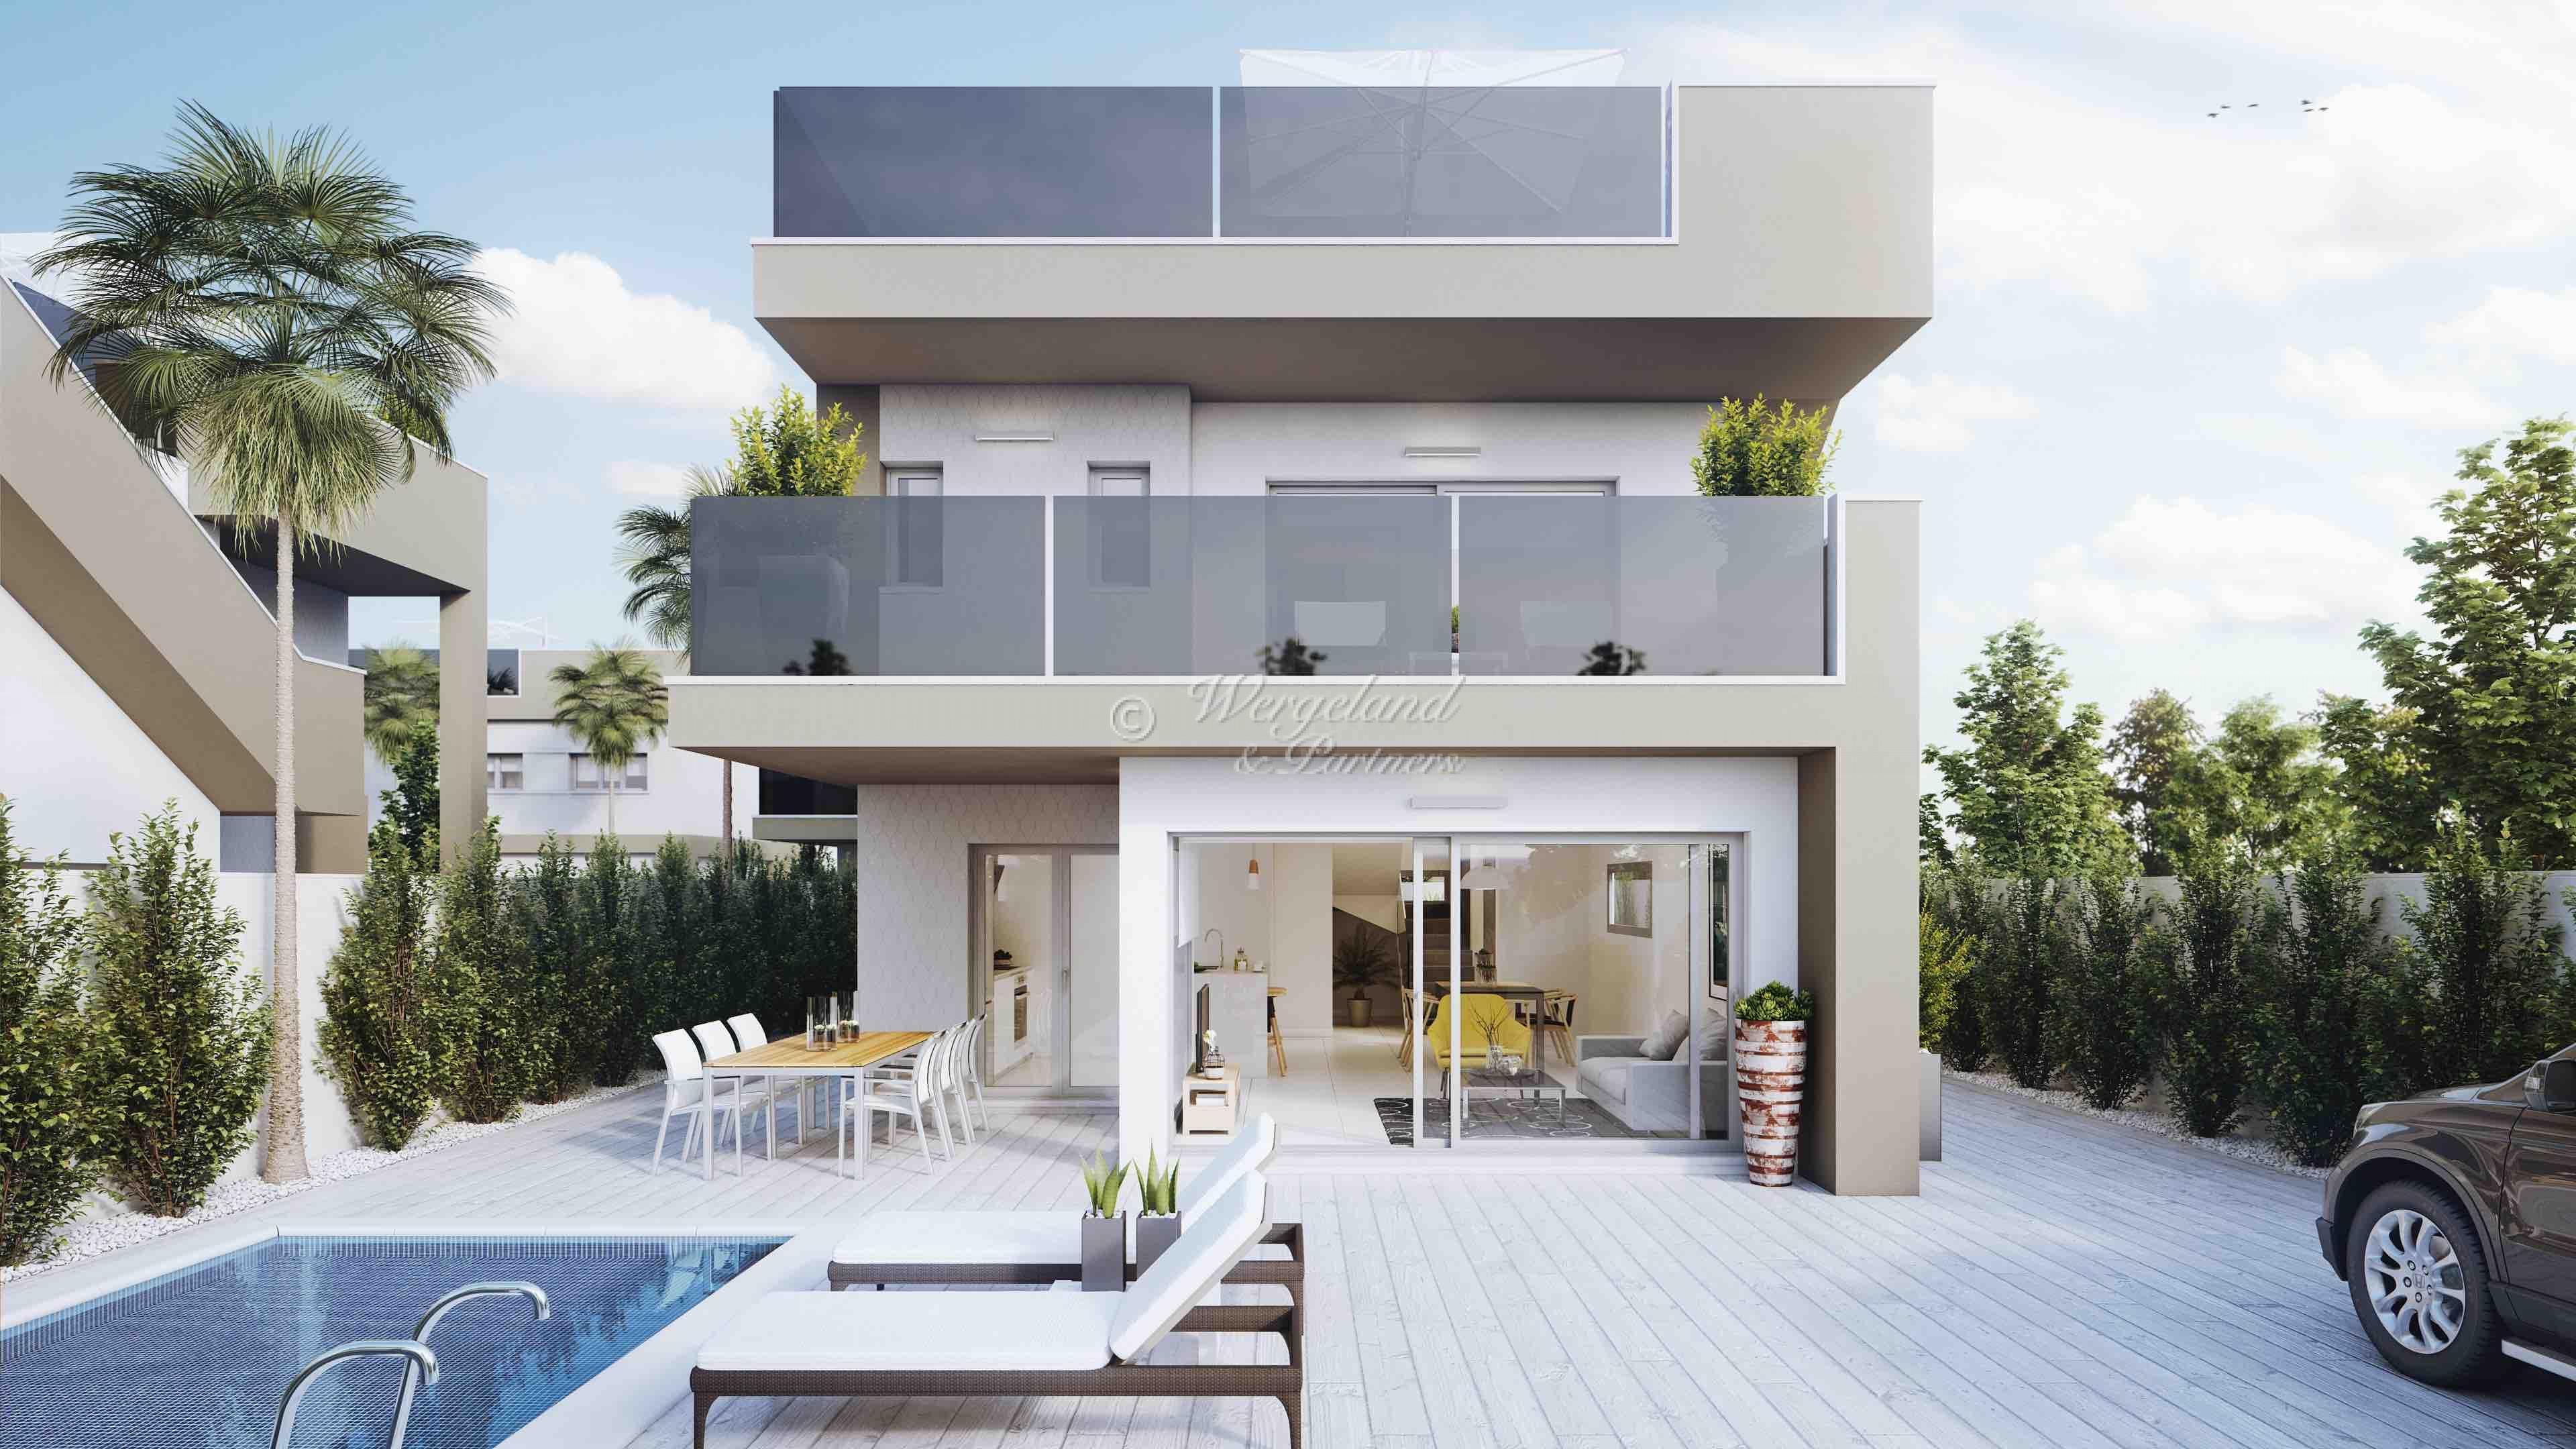 300 m. til stranden: 4-roms villa med 2 bad, privat basseng, takterrasse [TV1]